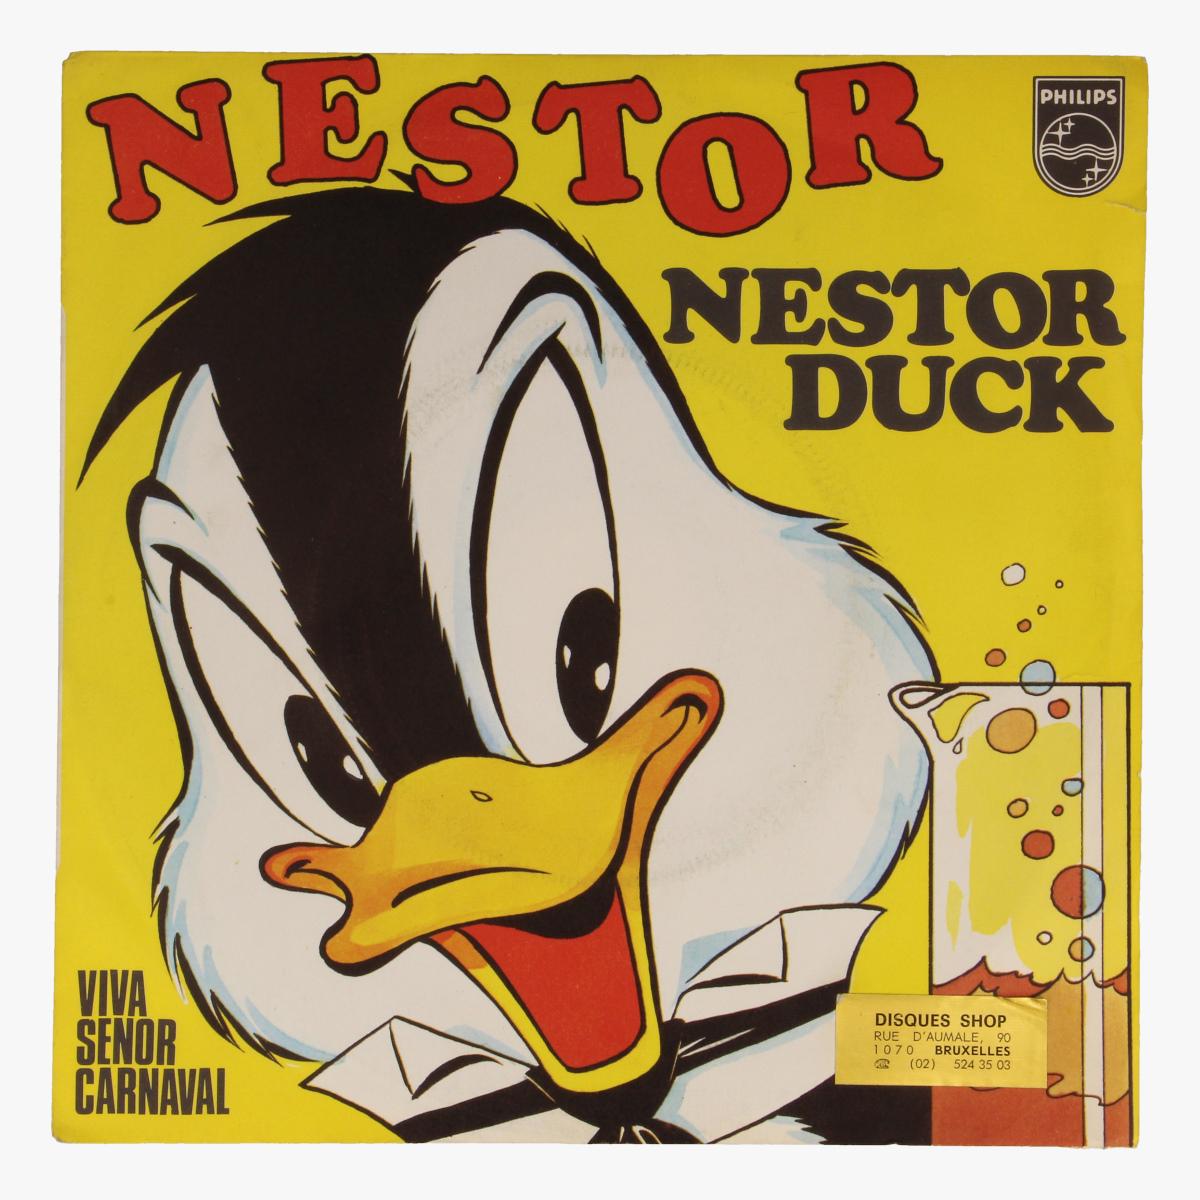 Afbeeldingen van Nestor - nestor duck, viva senor carnaval